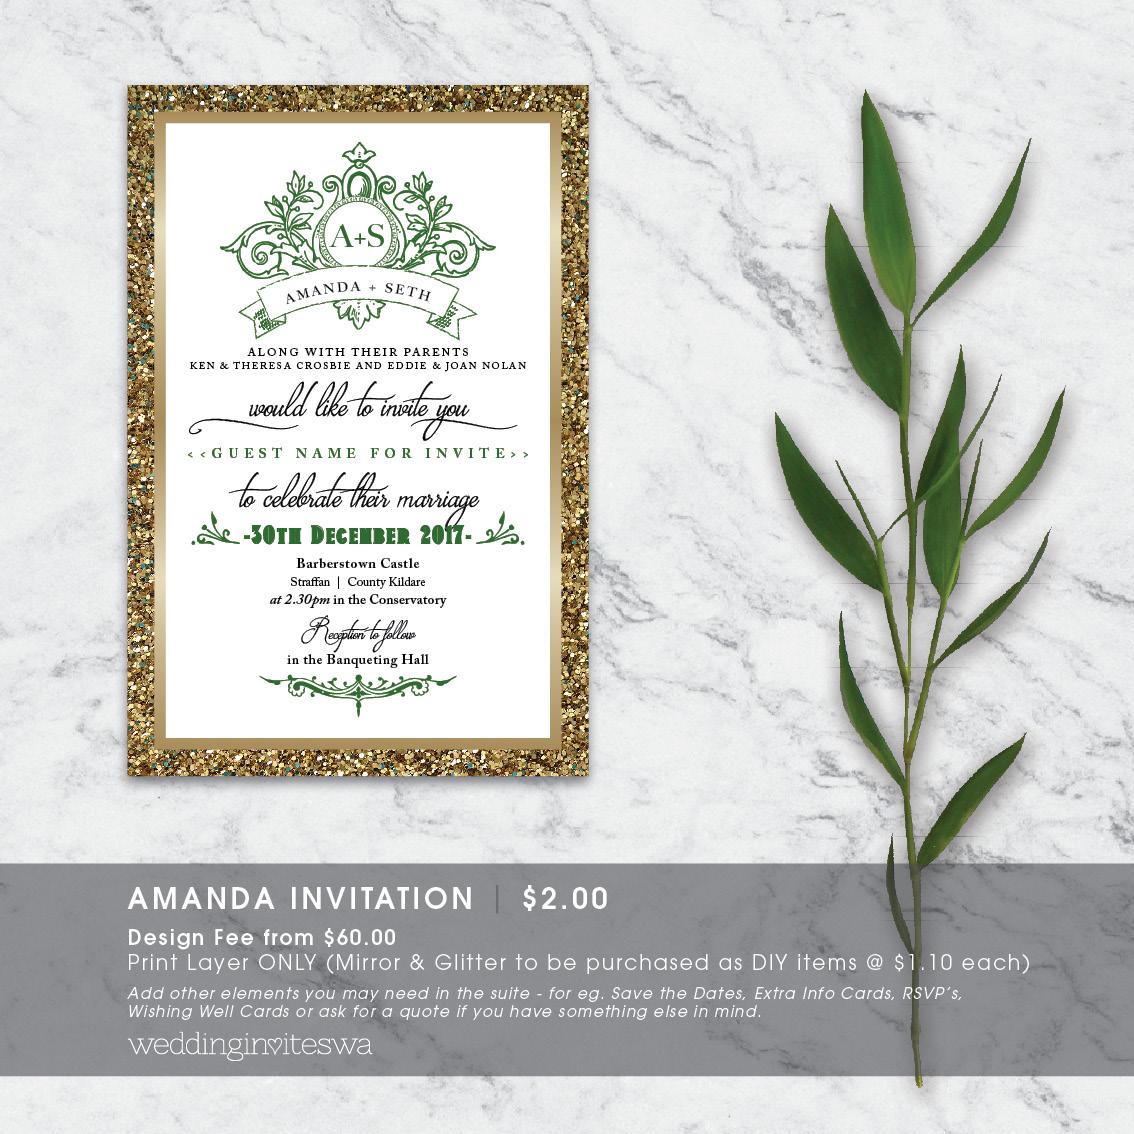 AMANDA_invite